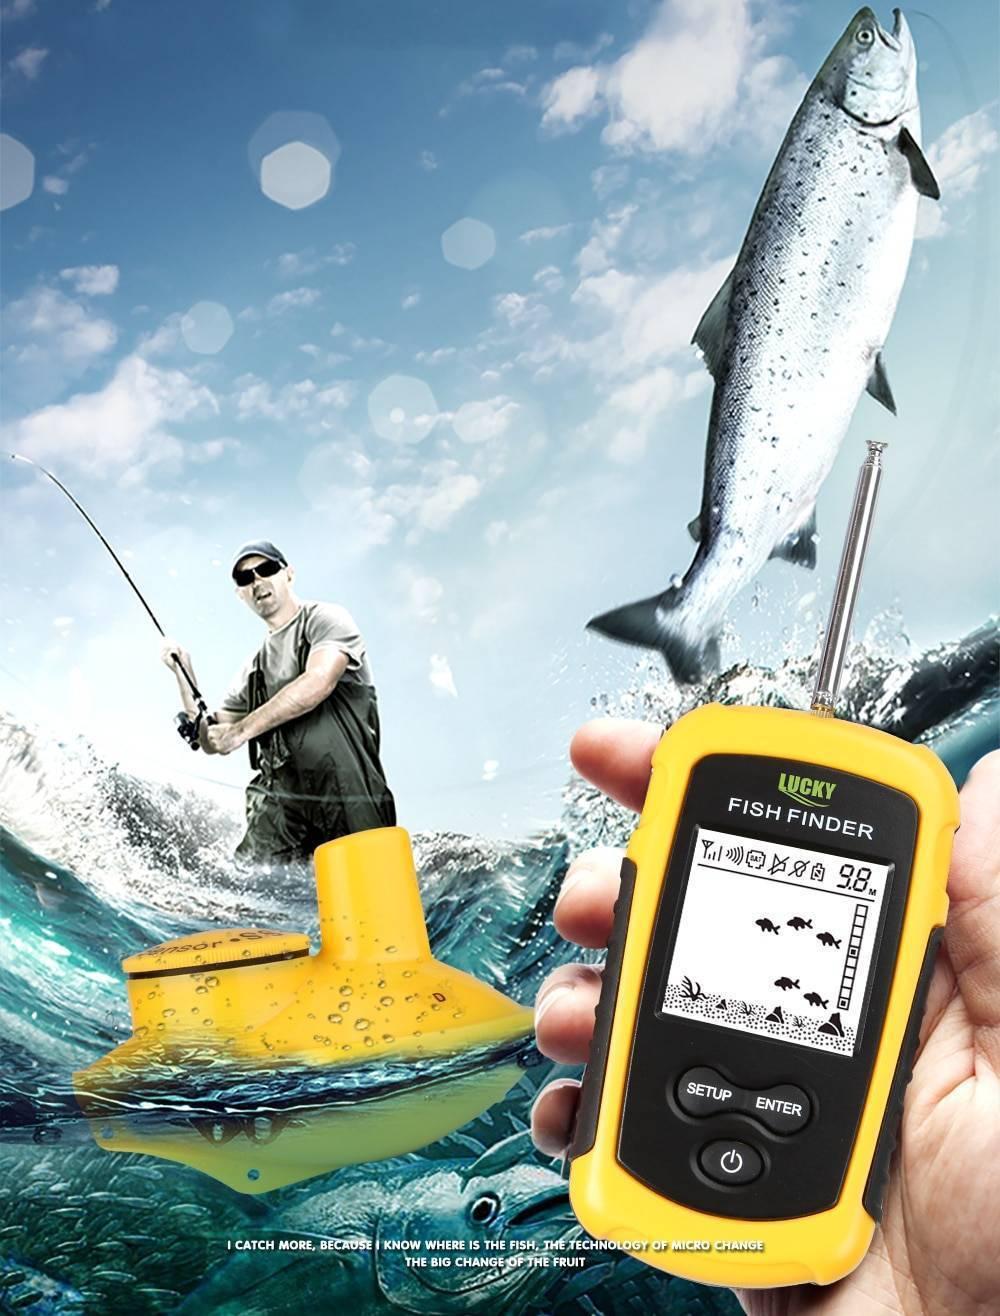 Беспроводной эхолот lucky: отзывы, популярные портативные модели (ff1108, fish finder 718, ff918)